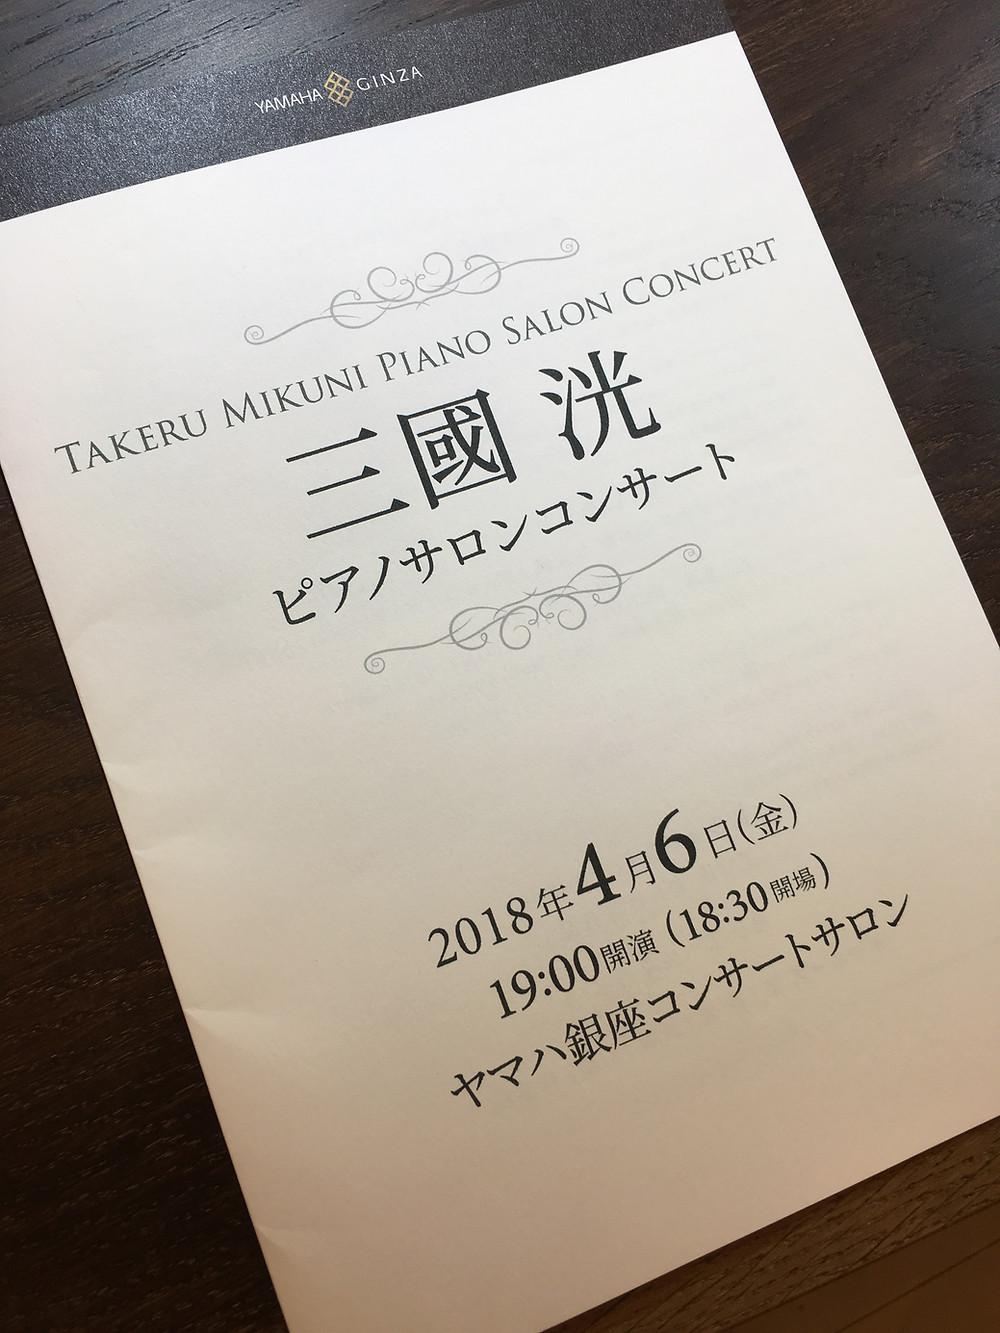 三國先生コンサートパンフレット